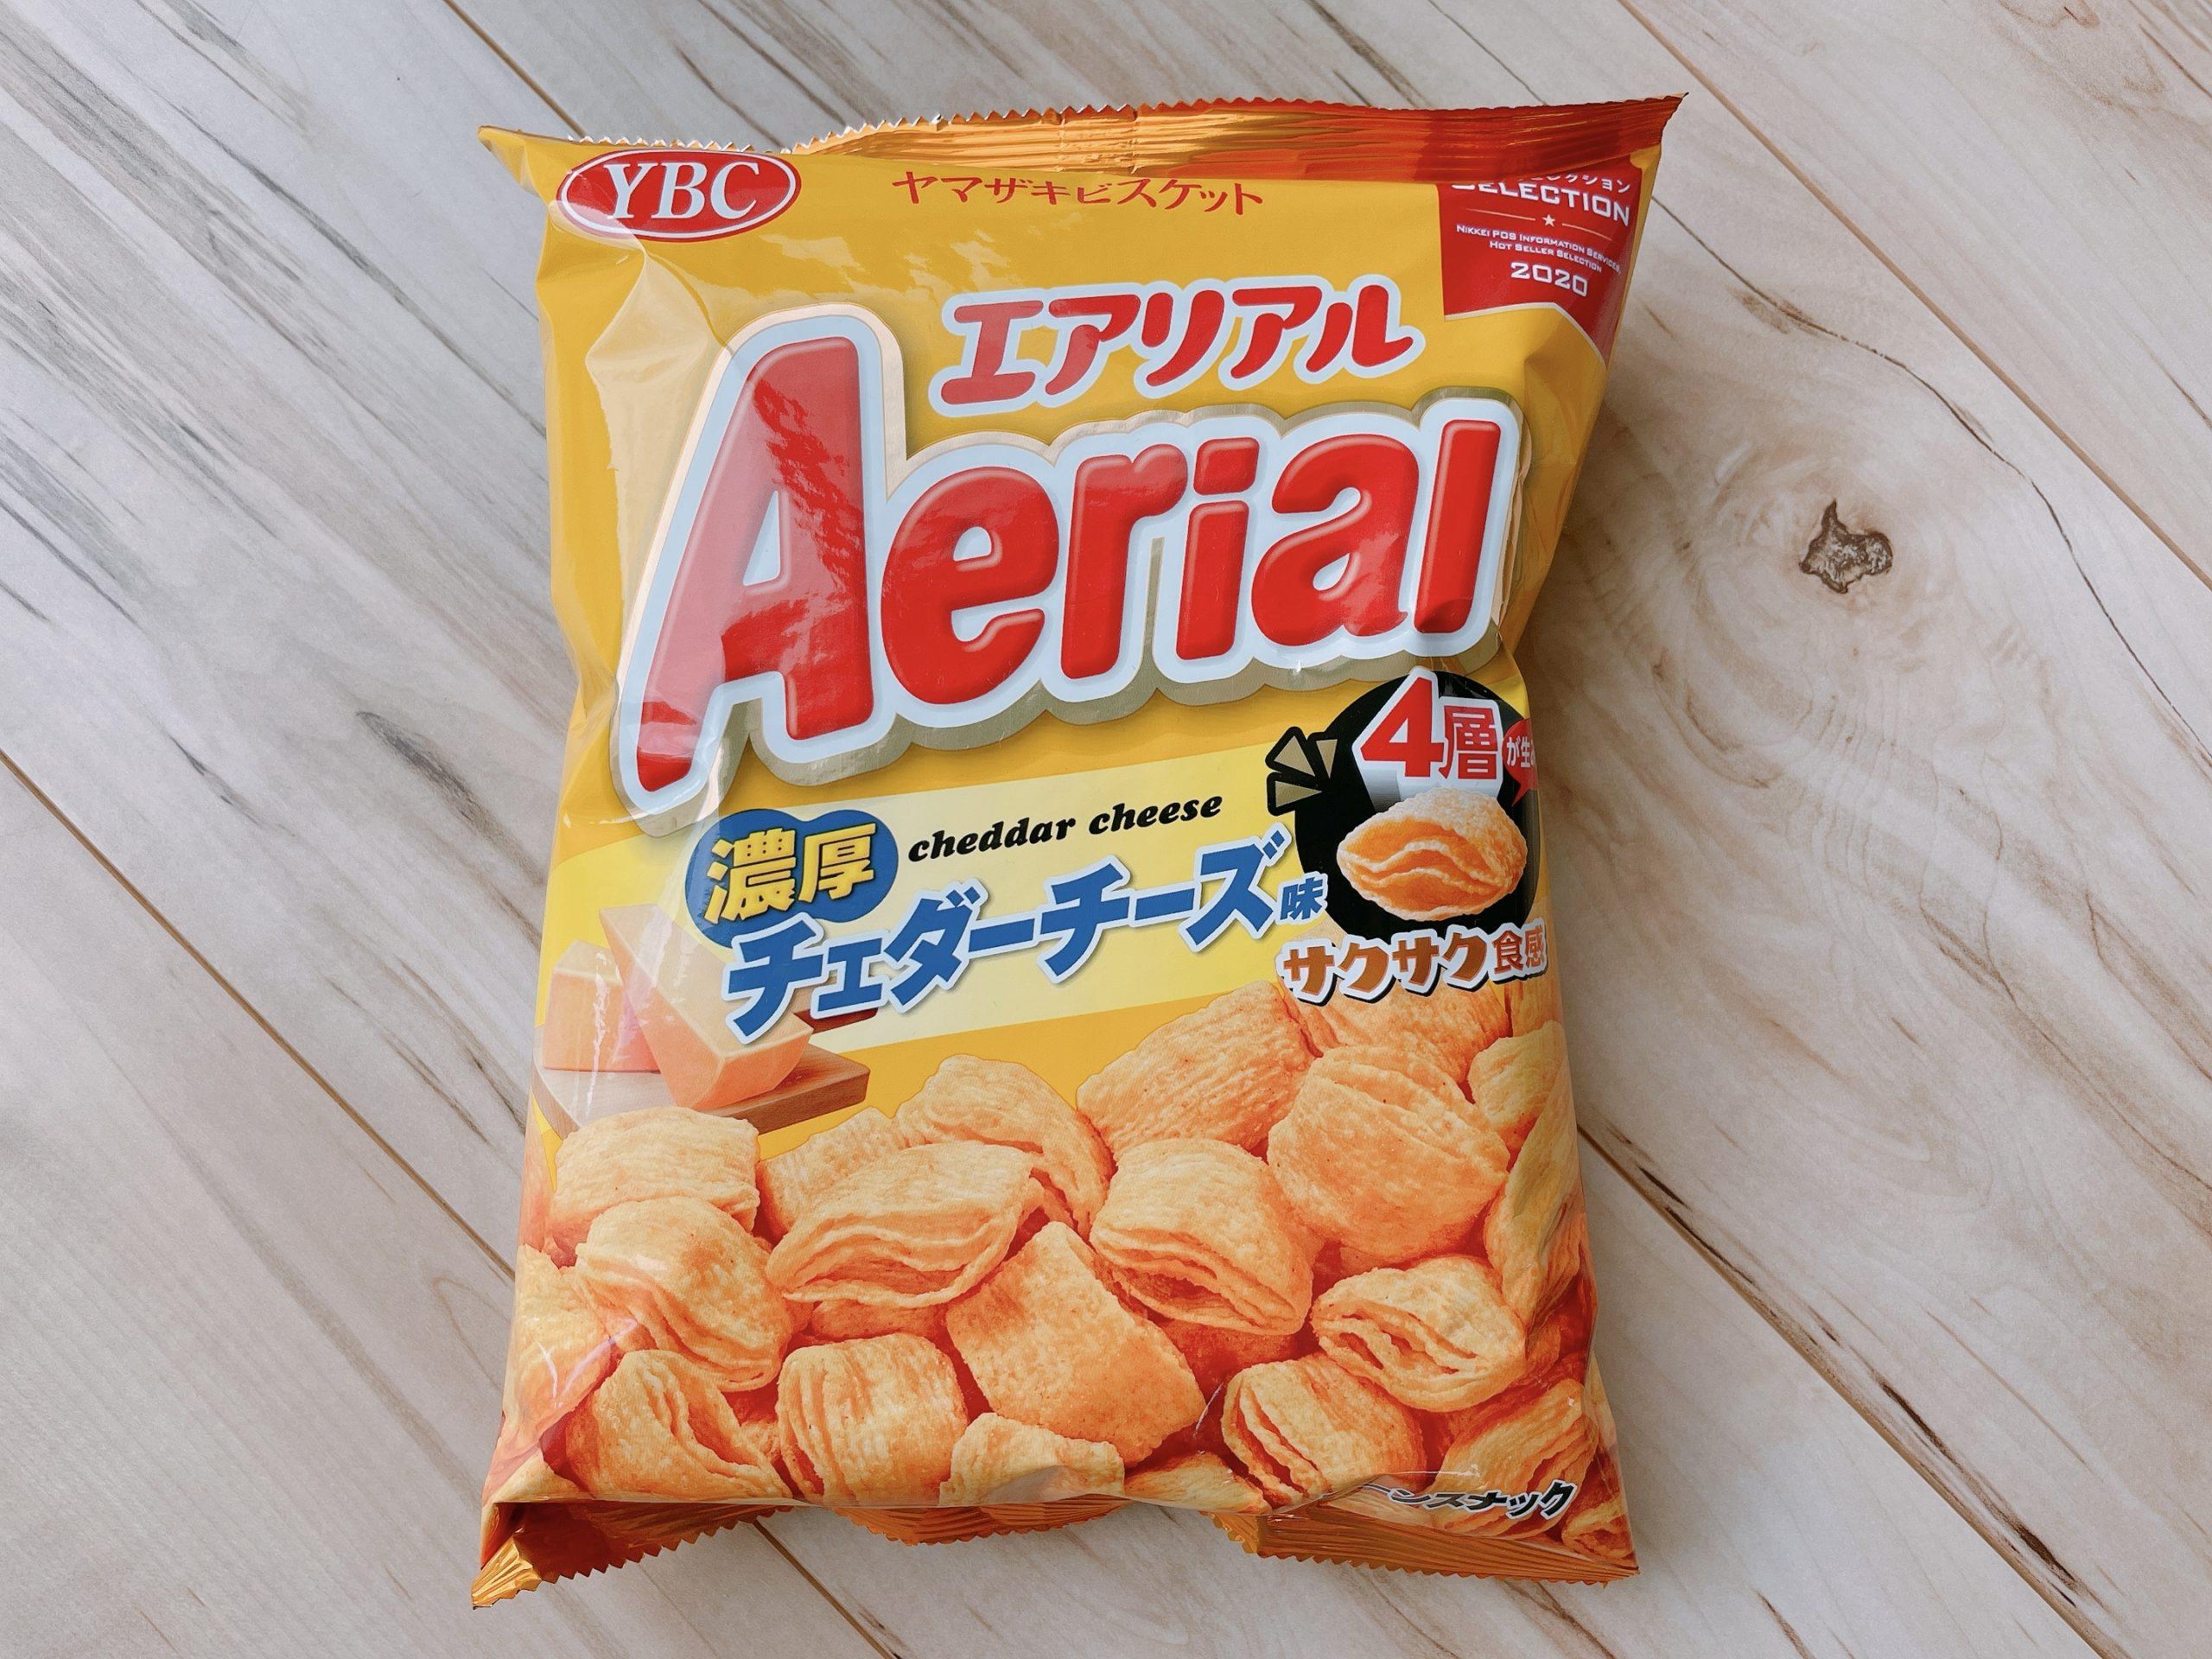 エアリアル濃厚チェダーチーズ味のパッケージ